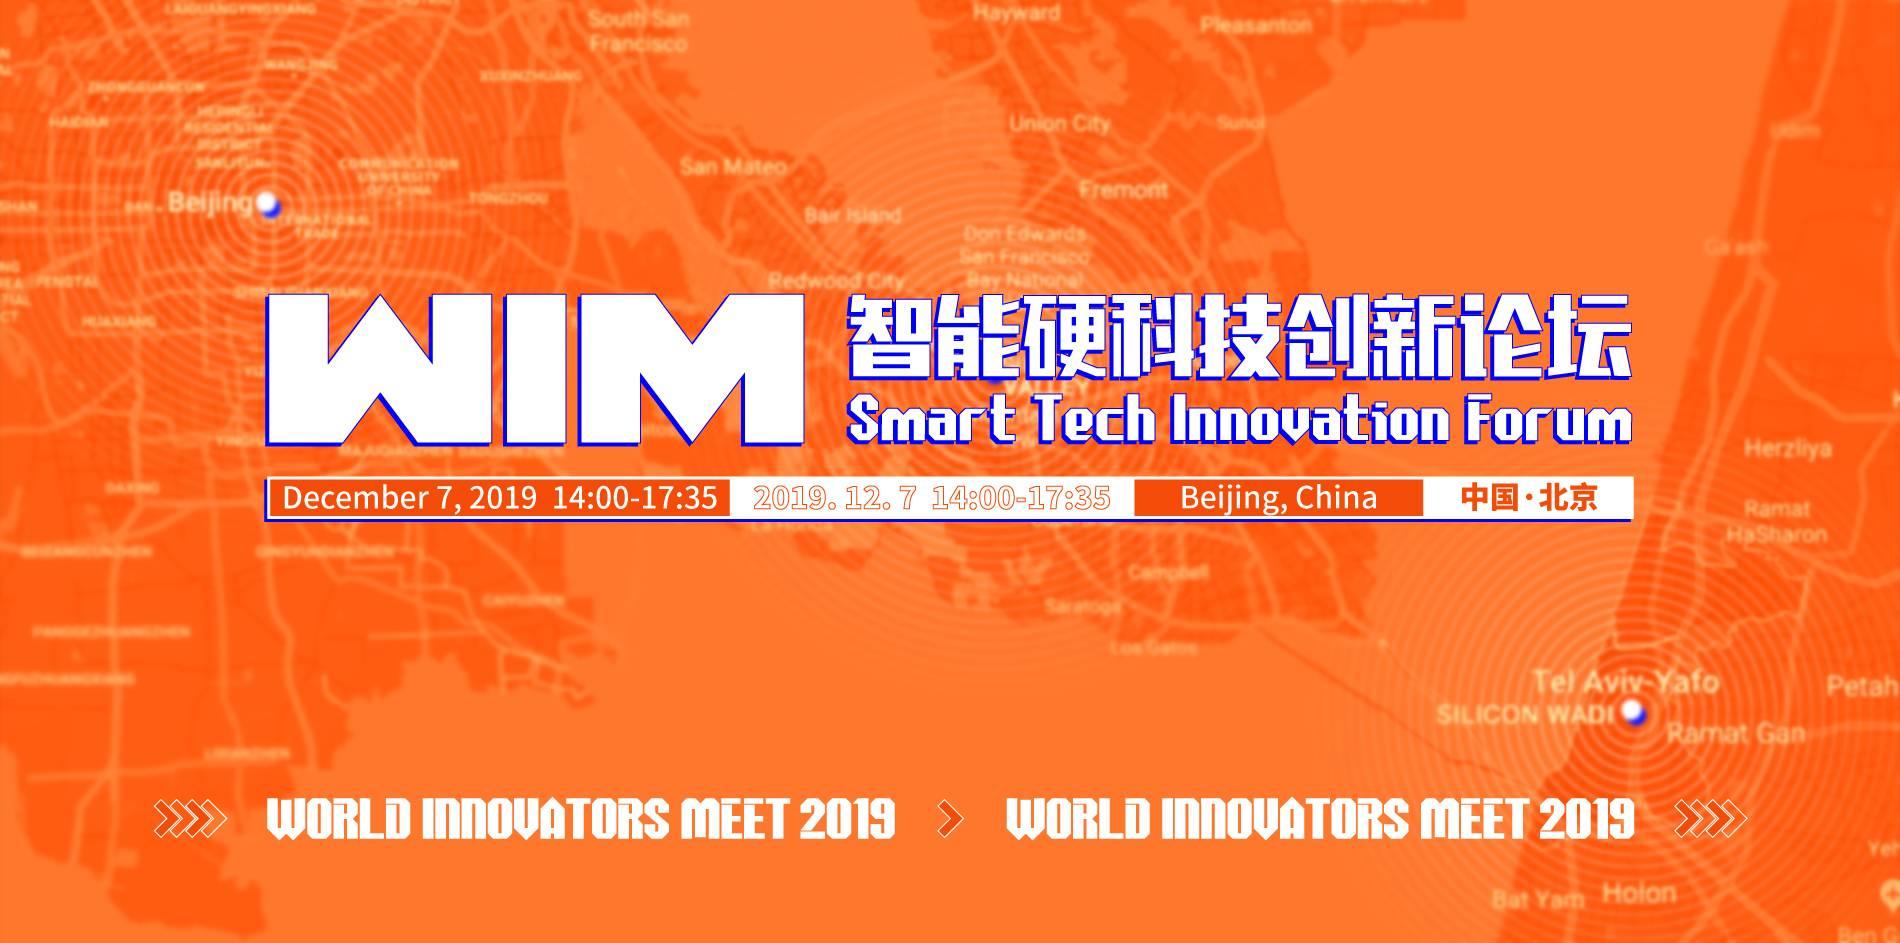 【活动】2019世界创新者年会-智能硬科技创新论坛-亿欧